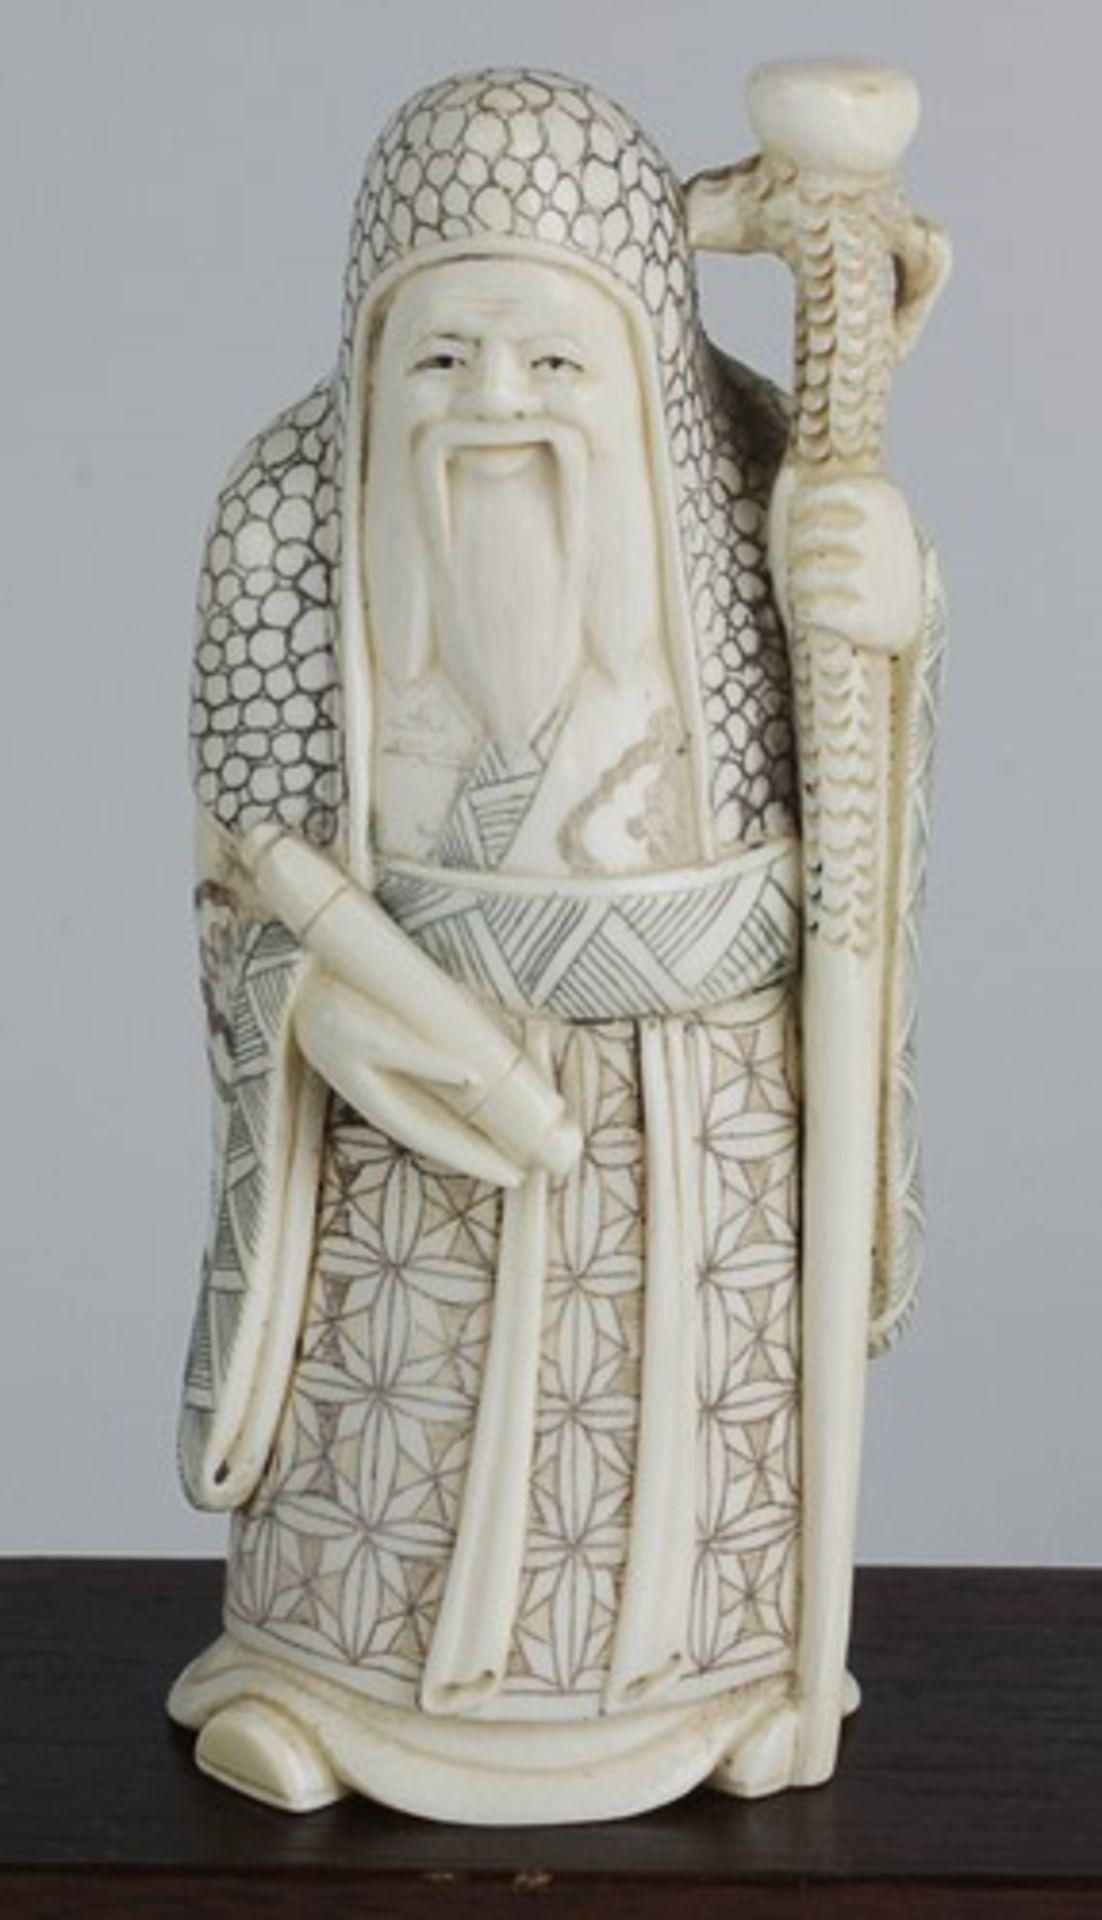 Figurengruppe - Chinaum 1920, 7x vollplastische Elfenbein-Schnitzereien, partiell geschwärzt, - Bild 3 aus 24